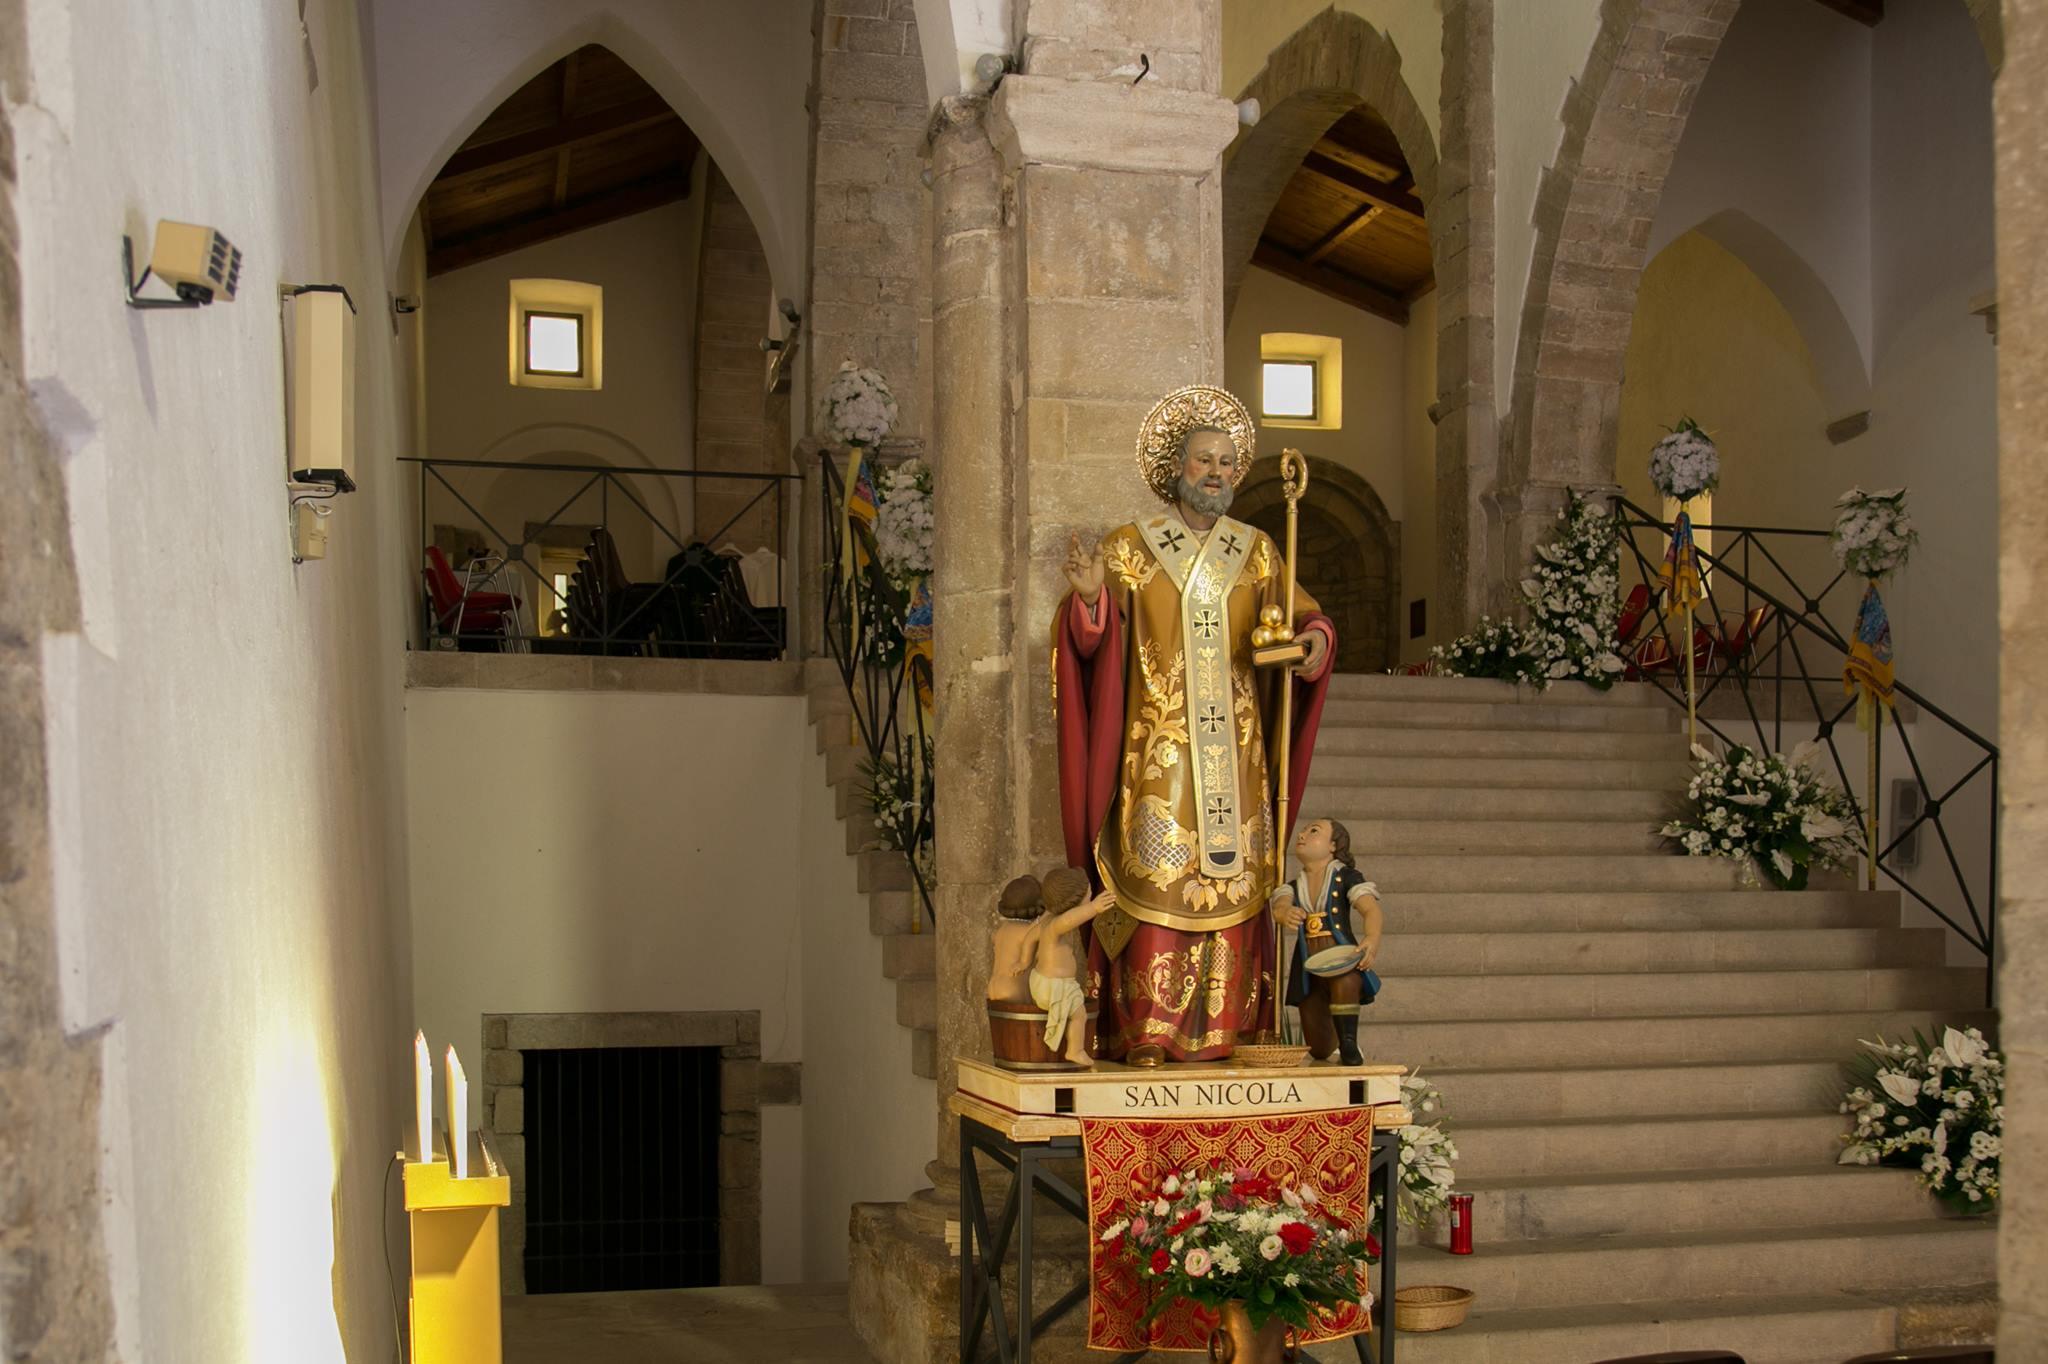 la chiesa di San Nicola. foto di nico tomasicchio